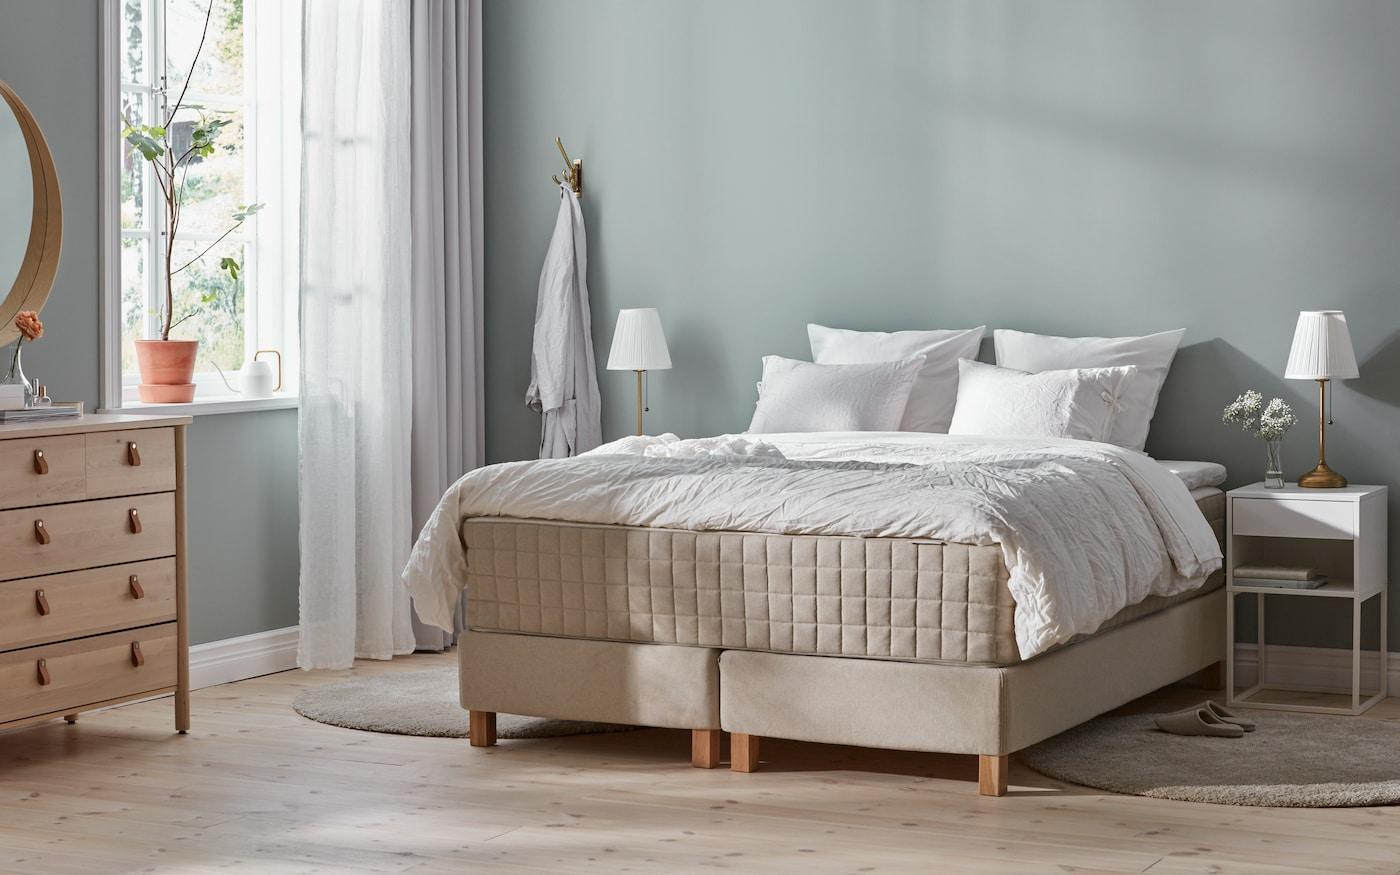 Cabecero cama con cortina GRÅTISTEL